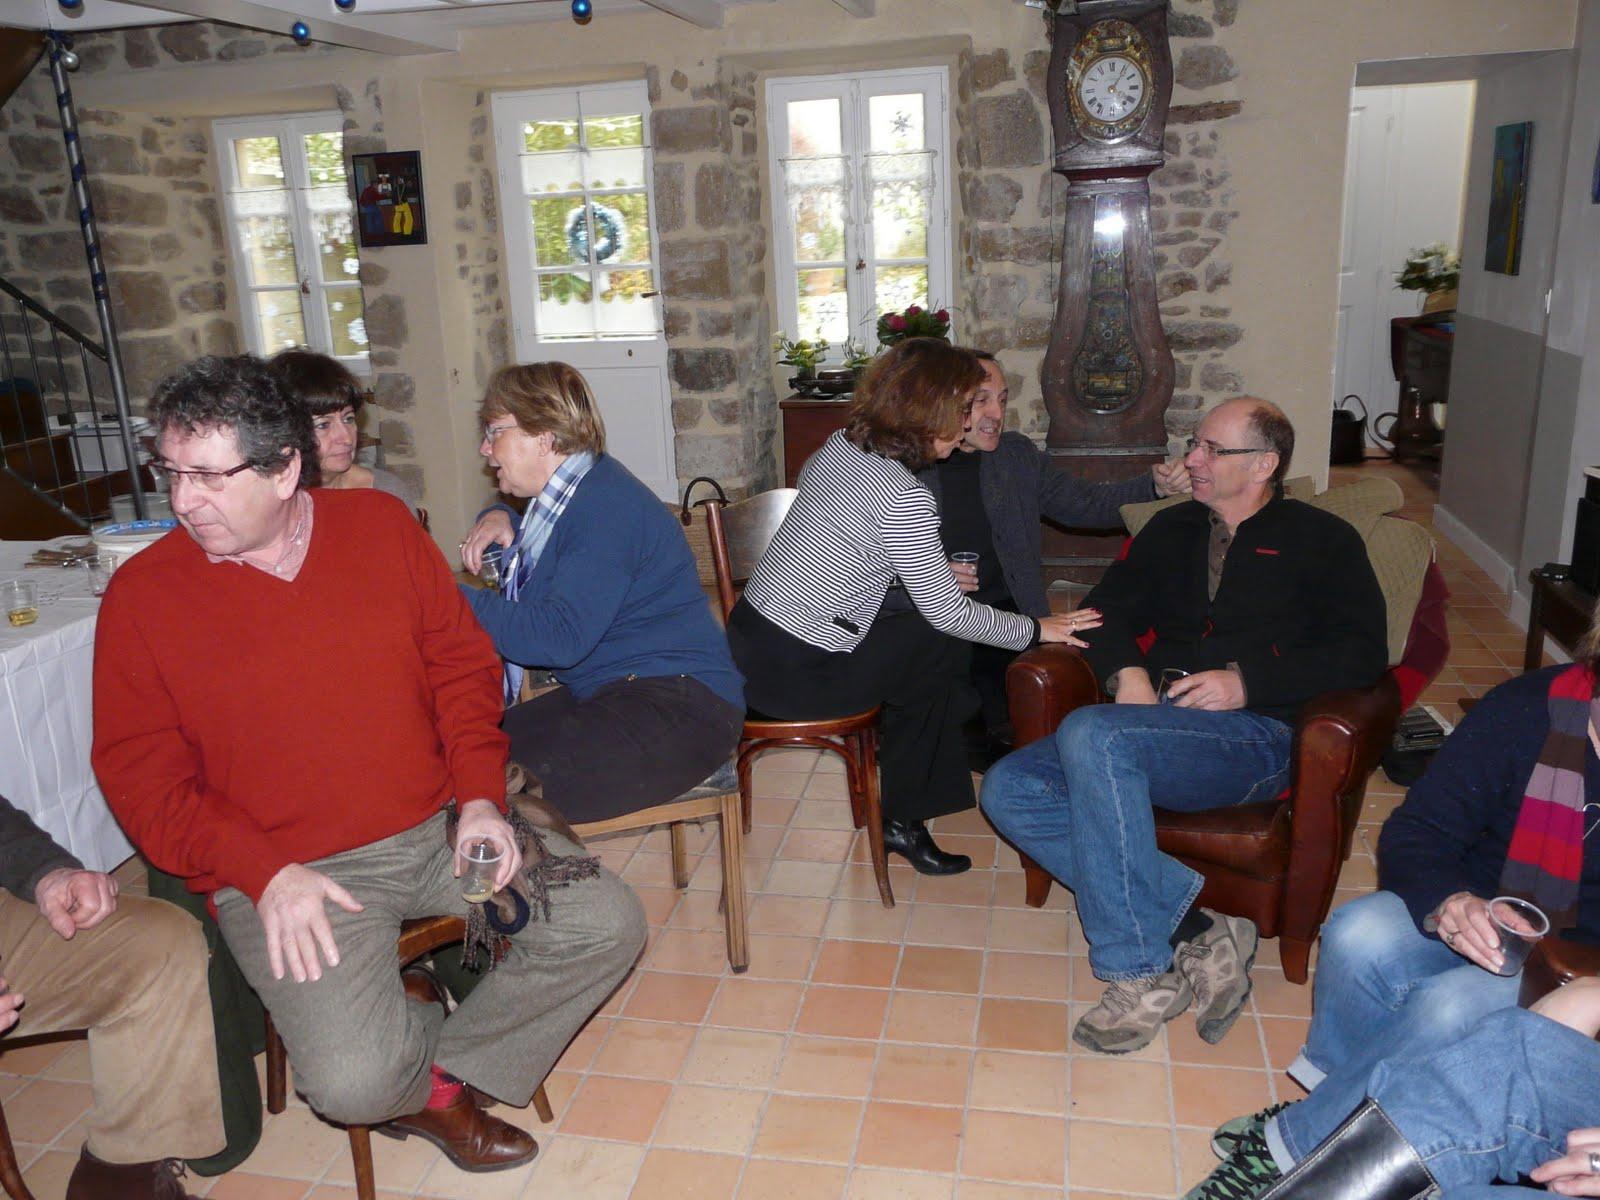 Les amis de la turlutte de kerners 1er janvier dejeuner for Dejeuner entre amis